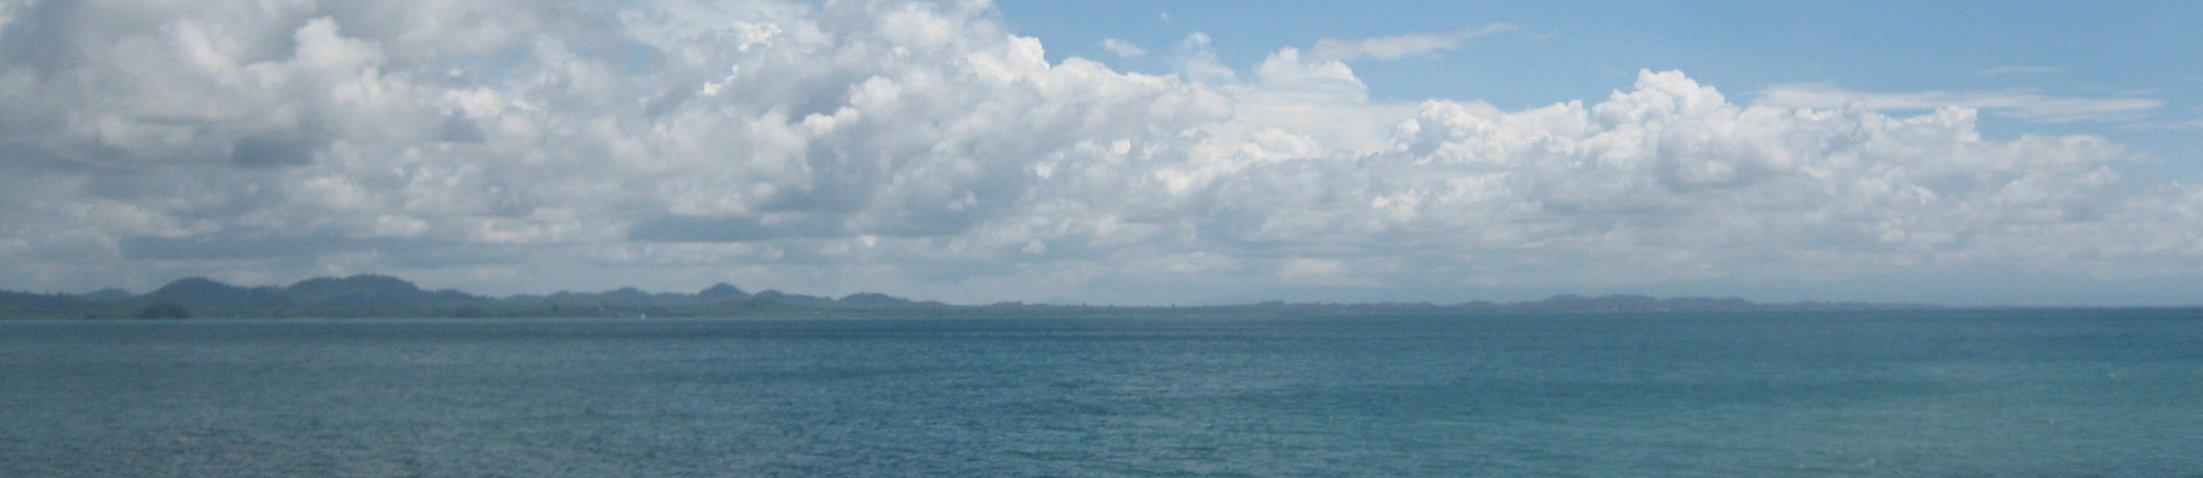 タイ banner image